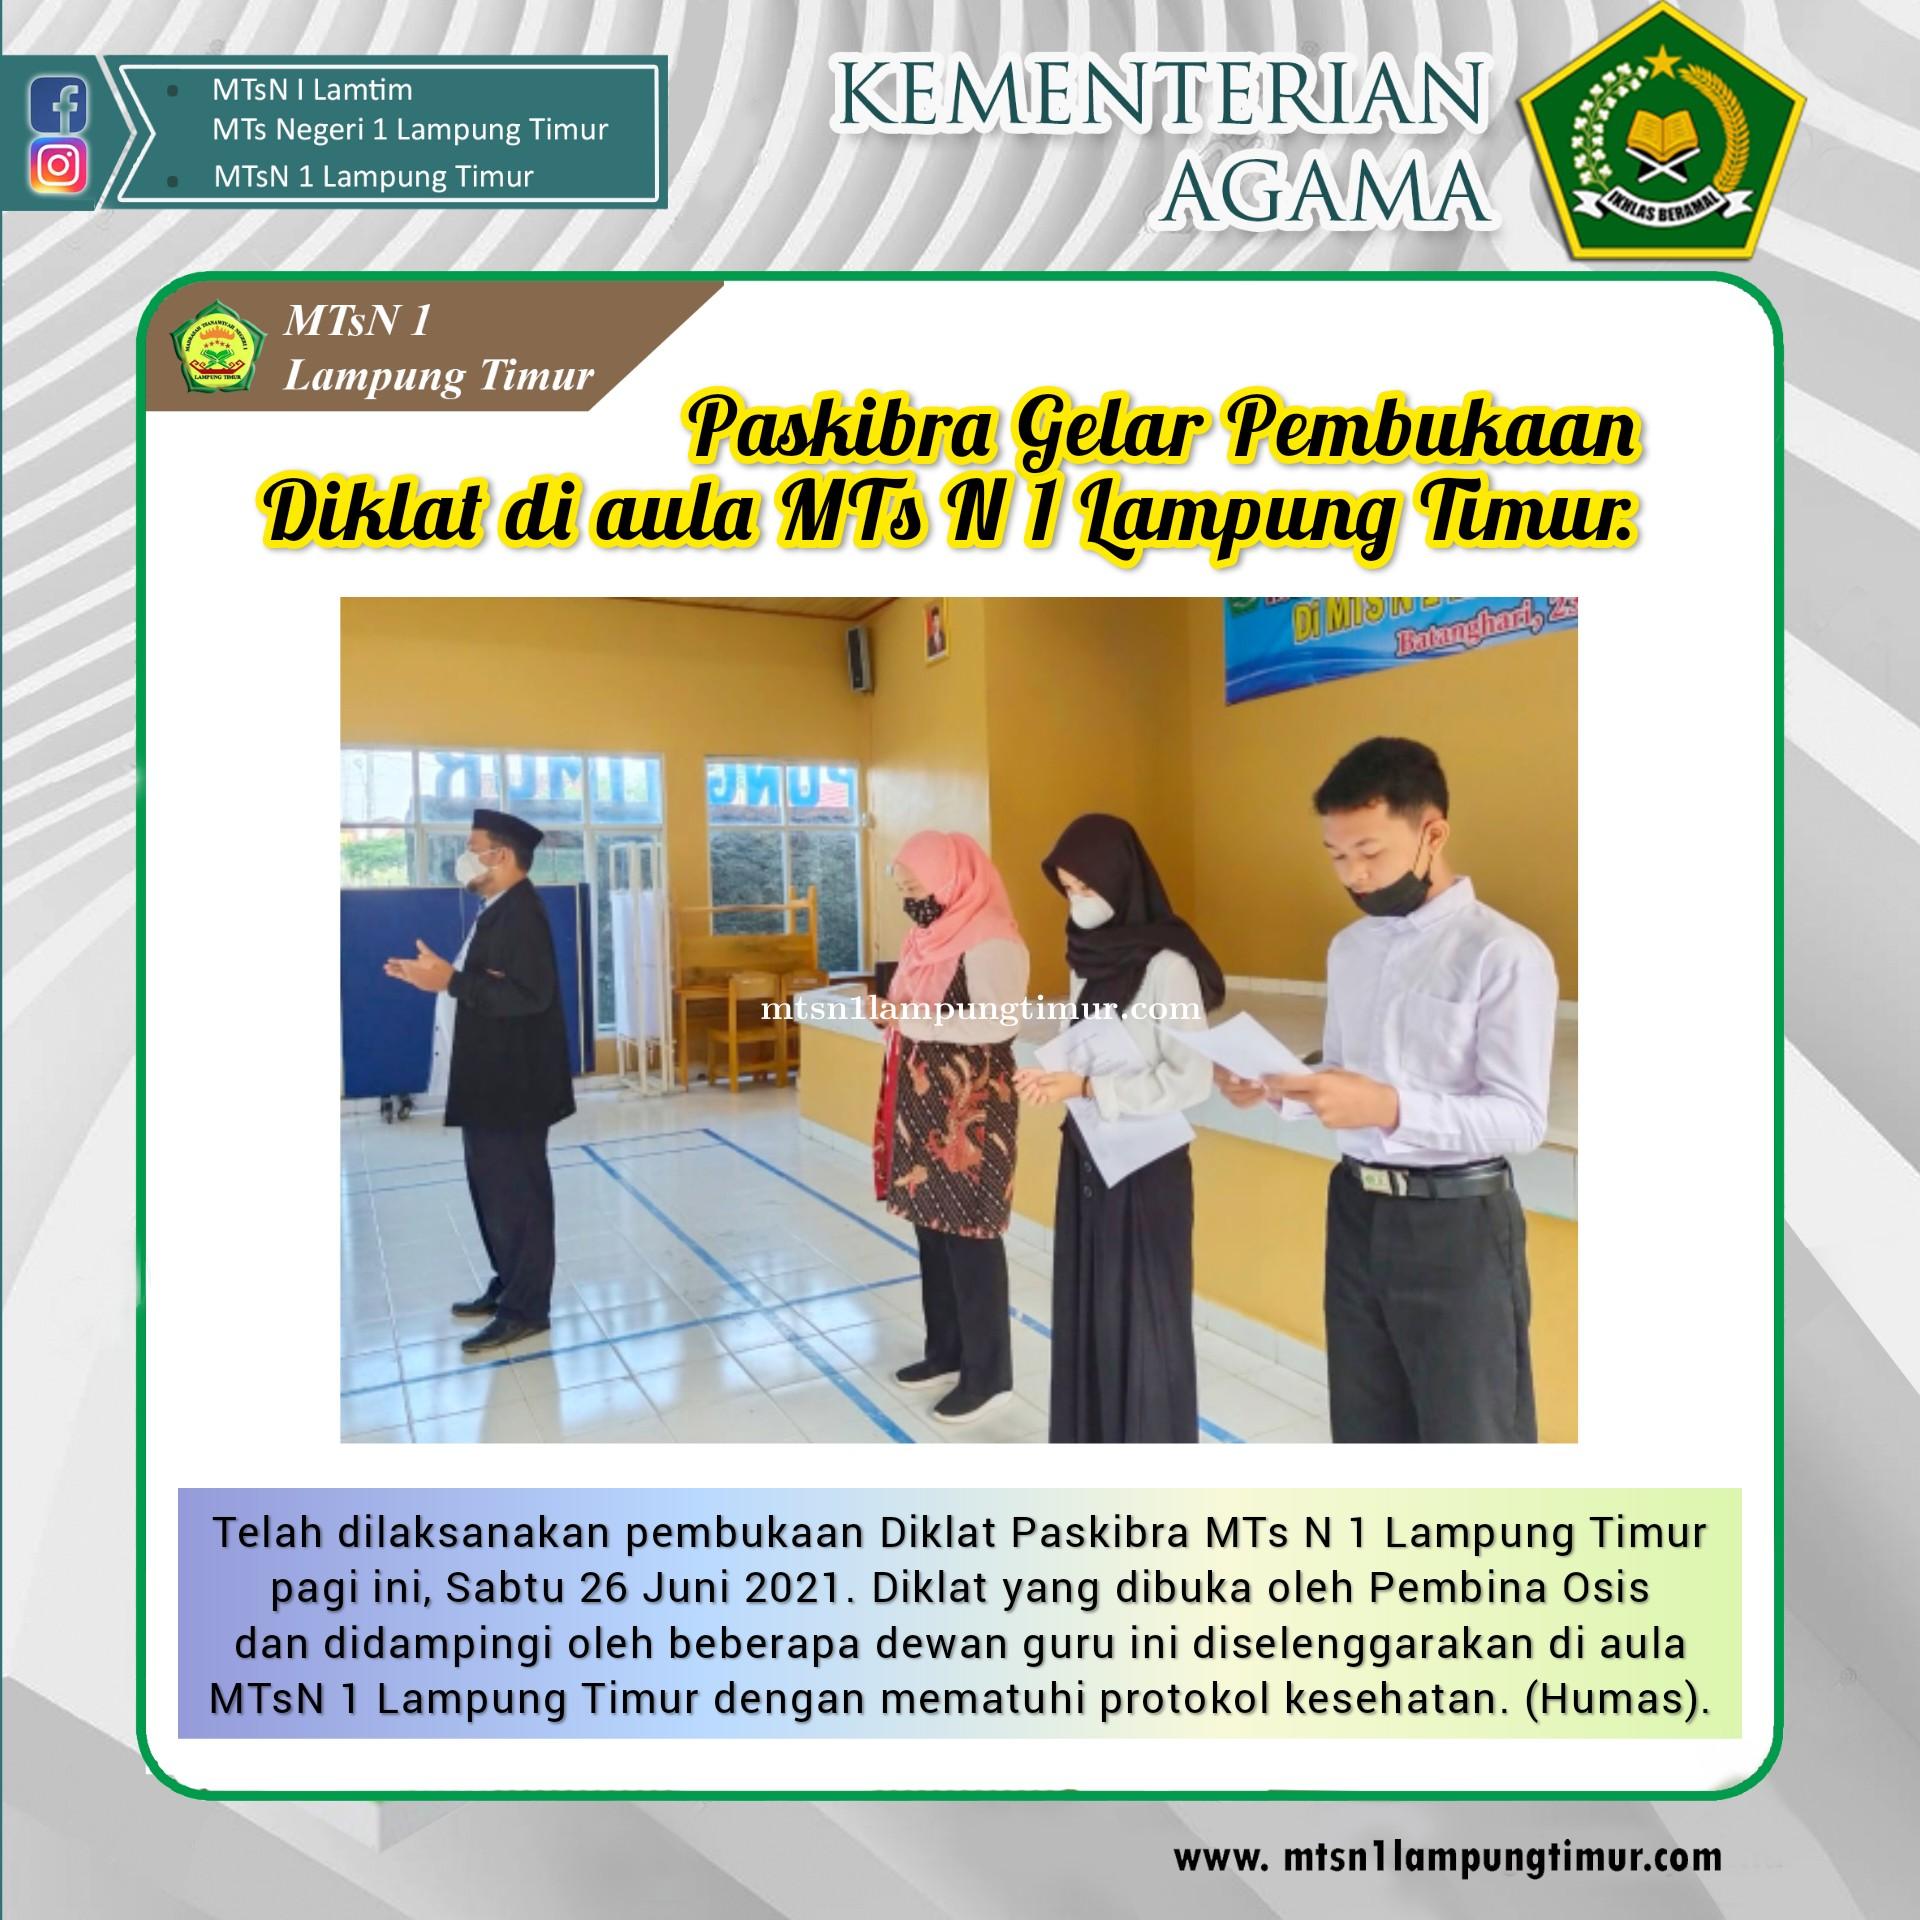 Diklat Paskibra sebagai Bekal Wawasan Kebangsaan Pasukan Pengibar Bendera MTsN 1 Lampung Timur.